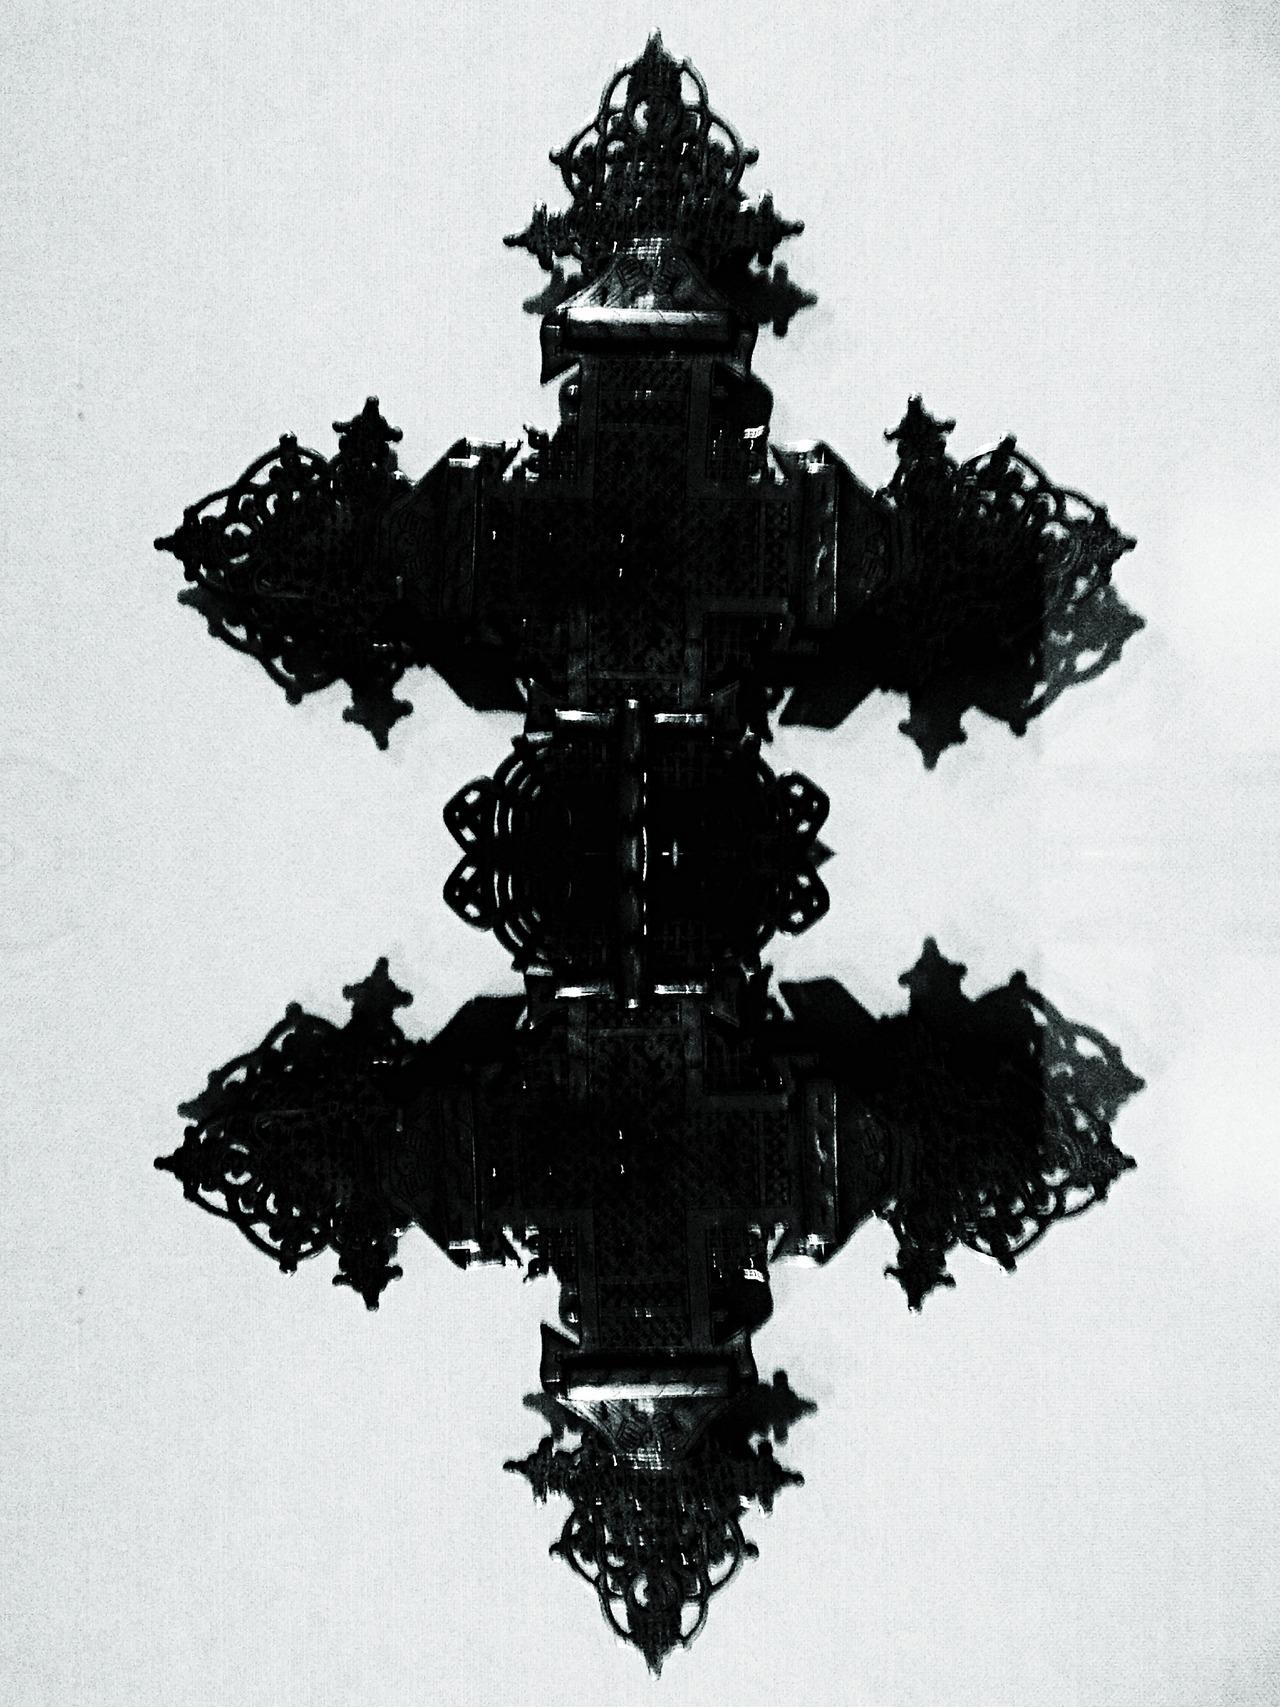 Rorschach Cross #peppersearching #pepper #blackwhite #cross